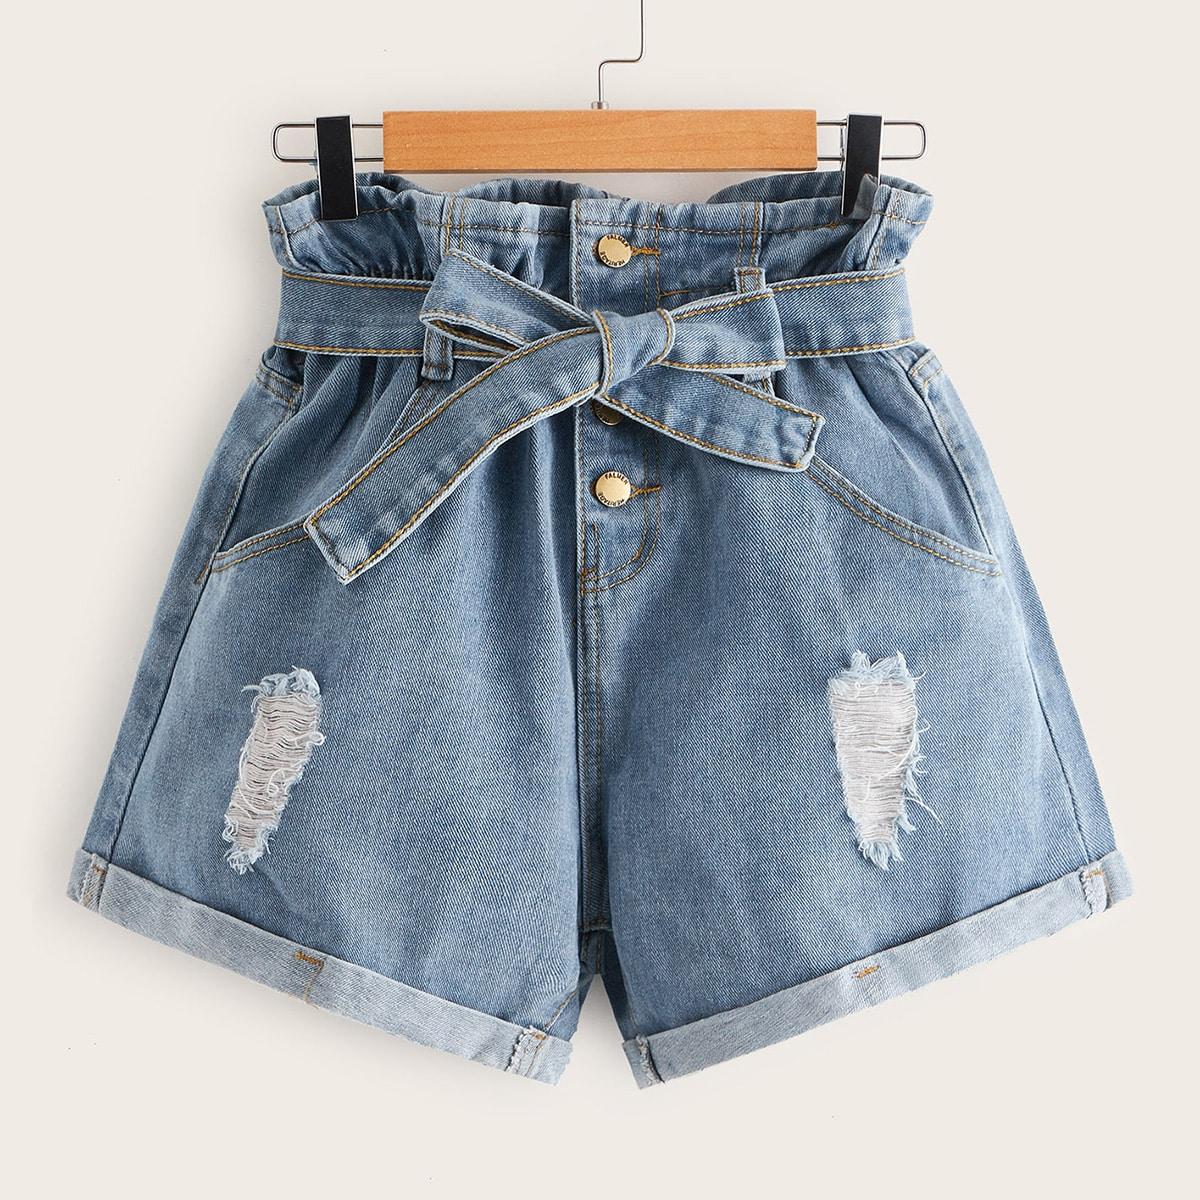 Рваные джинсовые шорты с поясом и пуговицами